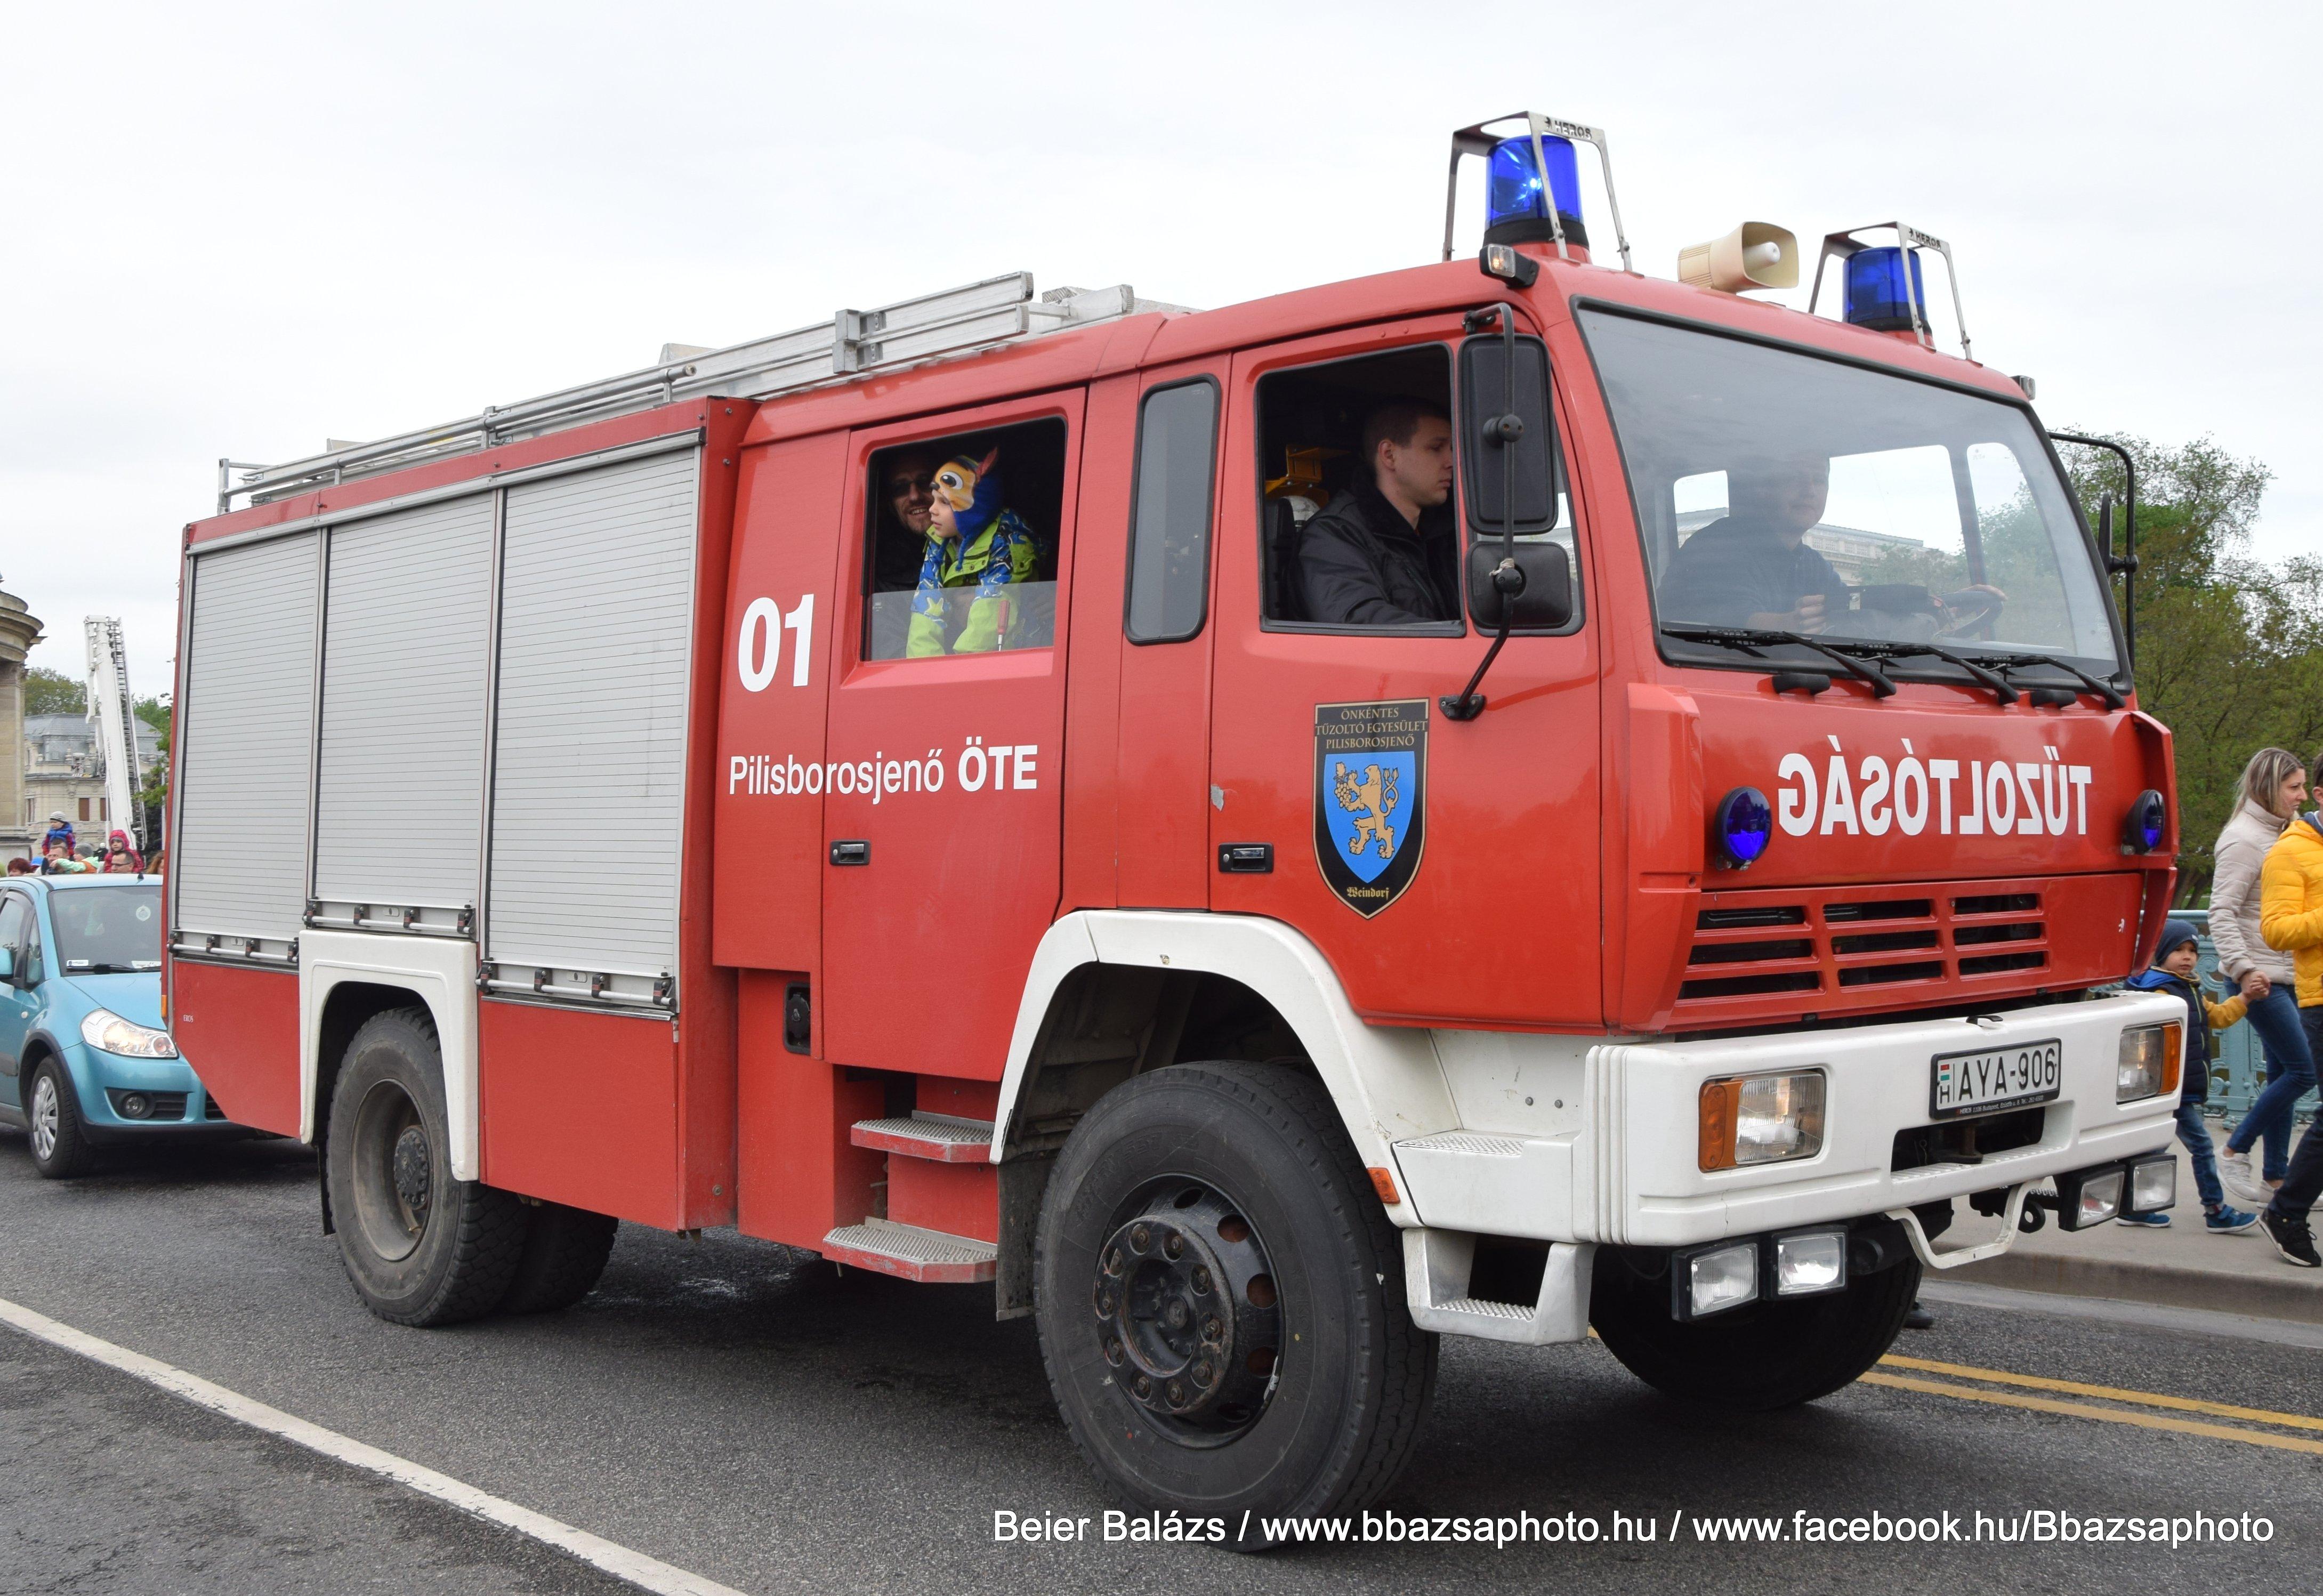 STEYR 16S26 Rosenbauer TLF 4000 – Pilisborosjenő ÖTE 01